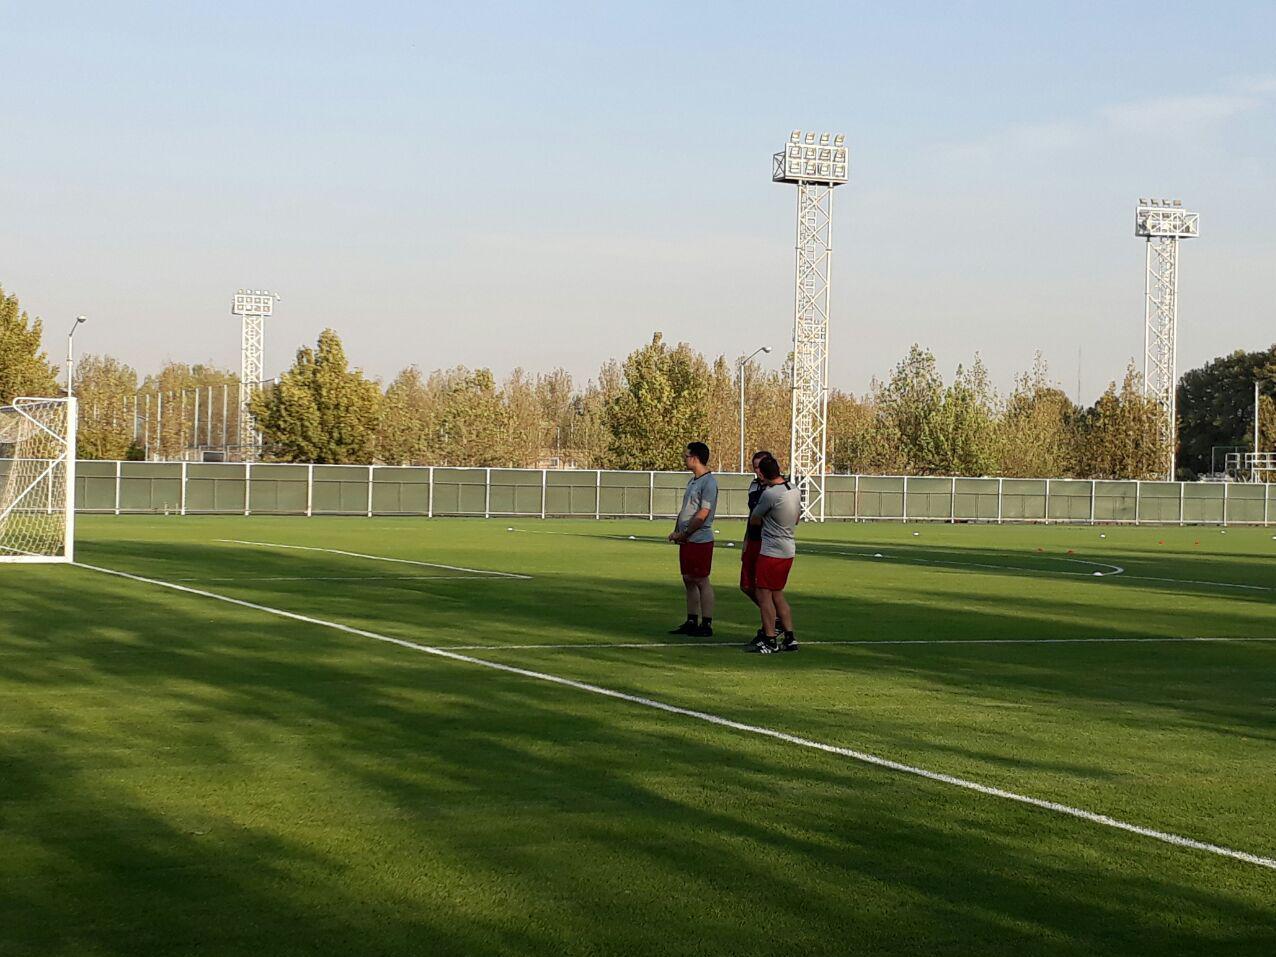 آخرین تمرین تیم ملی فوتبال ایران/ ملی پوشان آماده تقابل با کامبوج